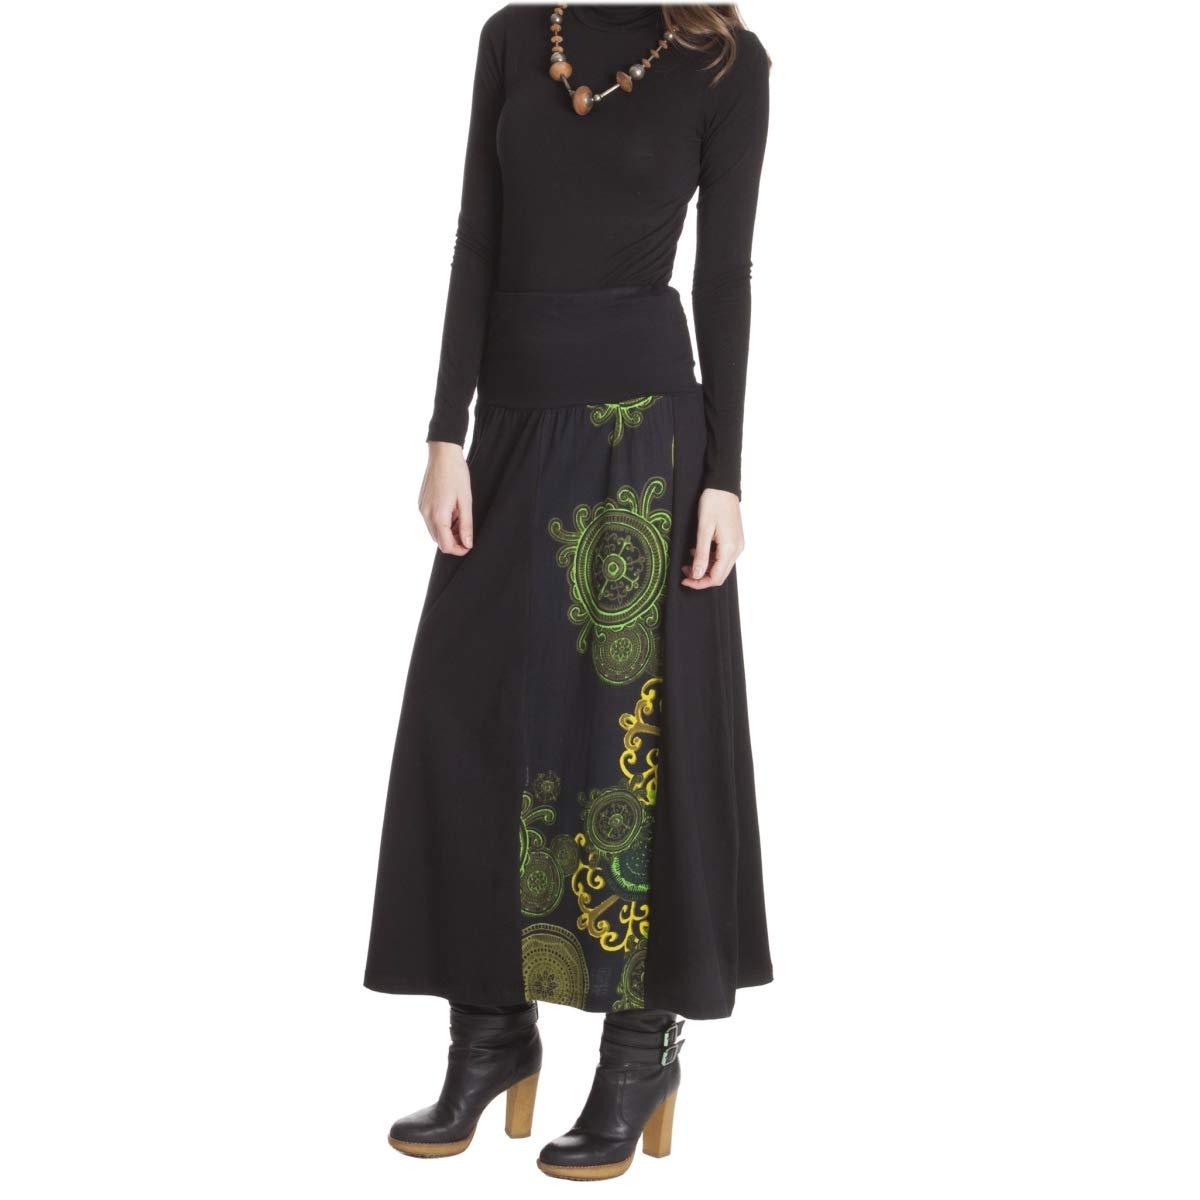 LE ORANGE MOON Falda Larga de Mujer - Lisa/Estampada - Negro/Verde ...